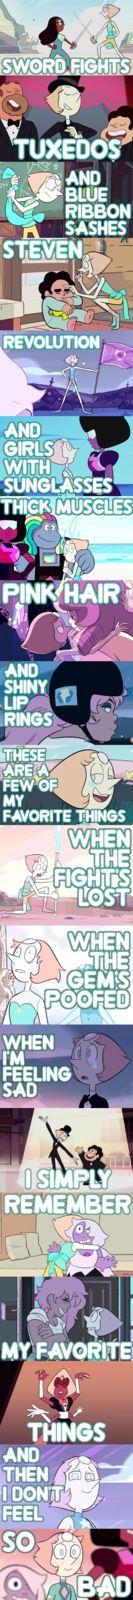 Pearl's Favorite Things